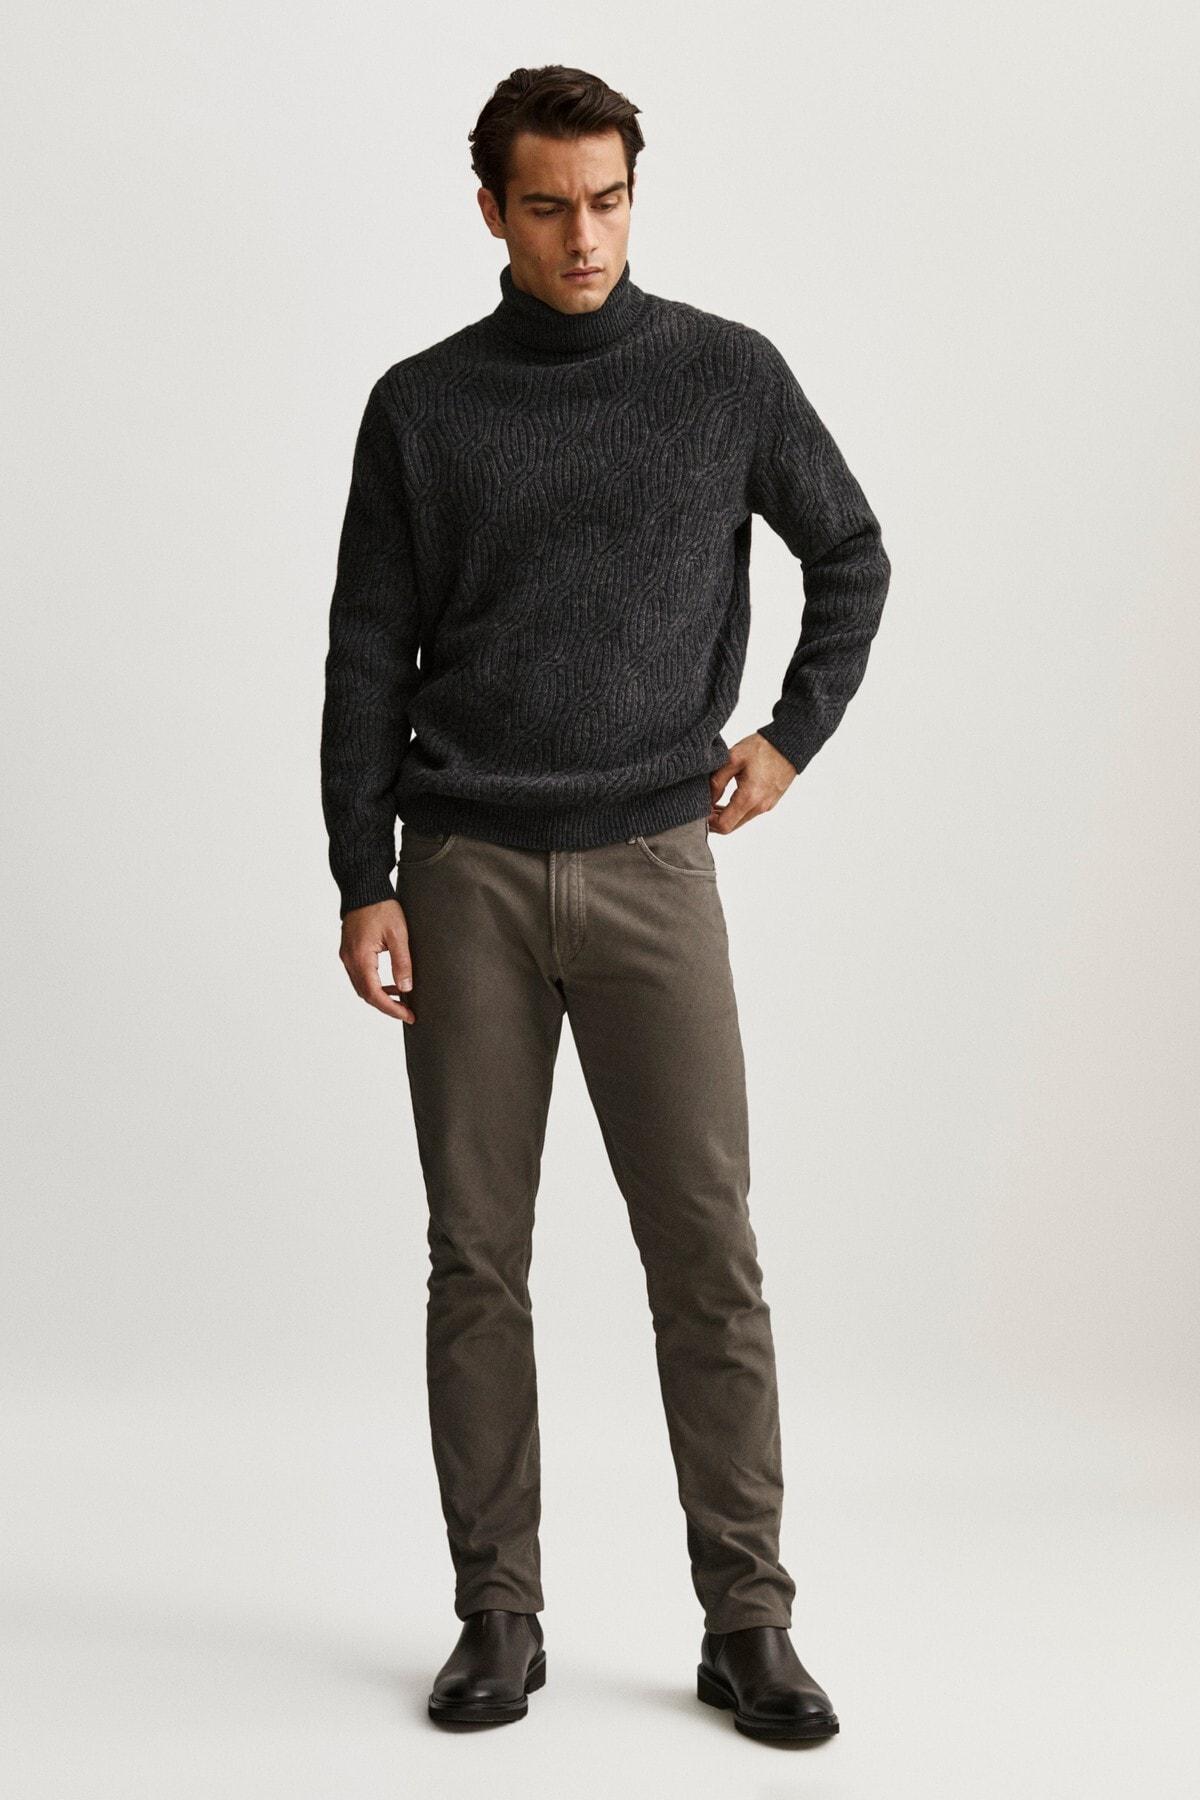 Massimo Dutti Erkek Slim Fit Dokulu Denim Görünümlü Pantolon 00044044